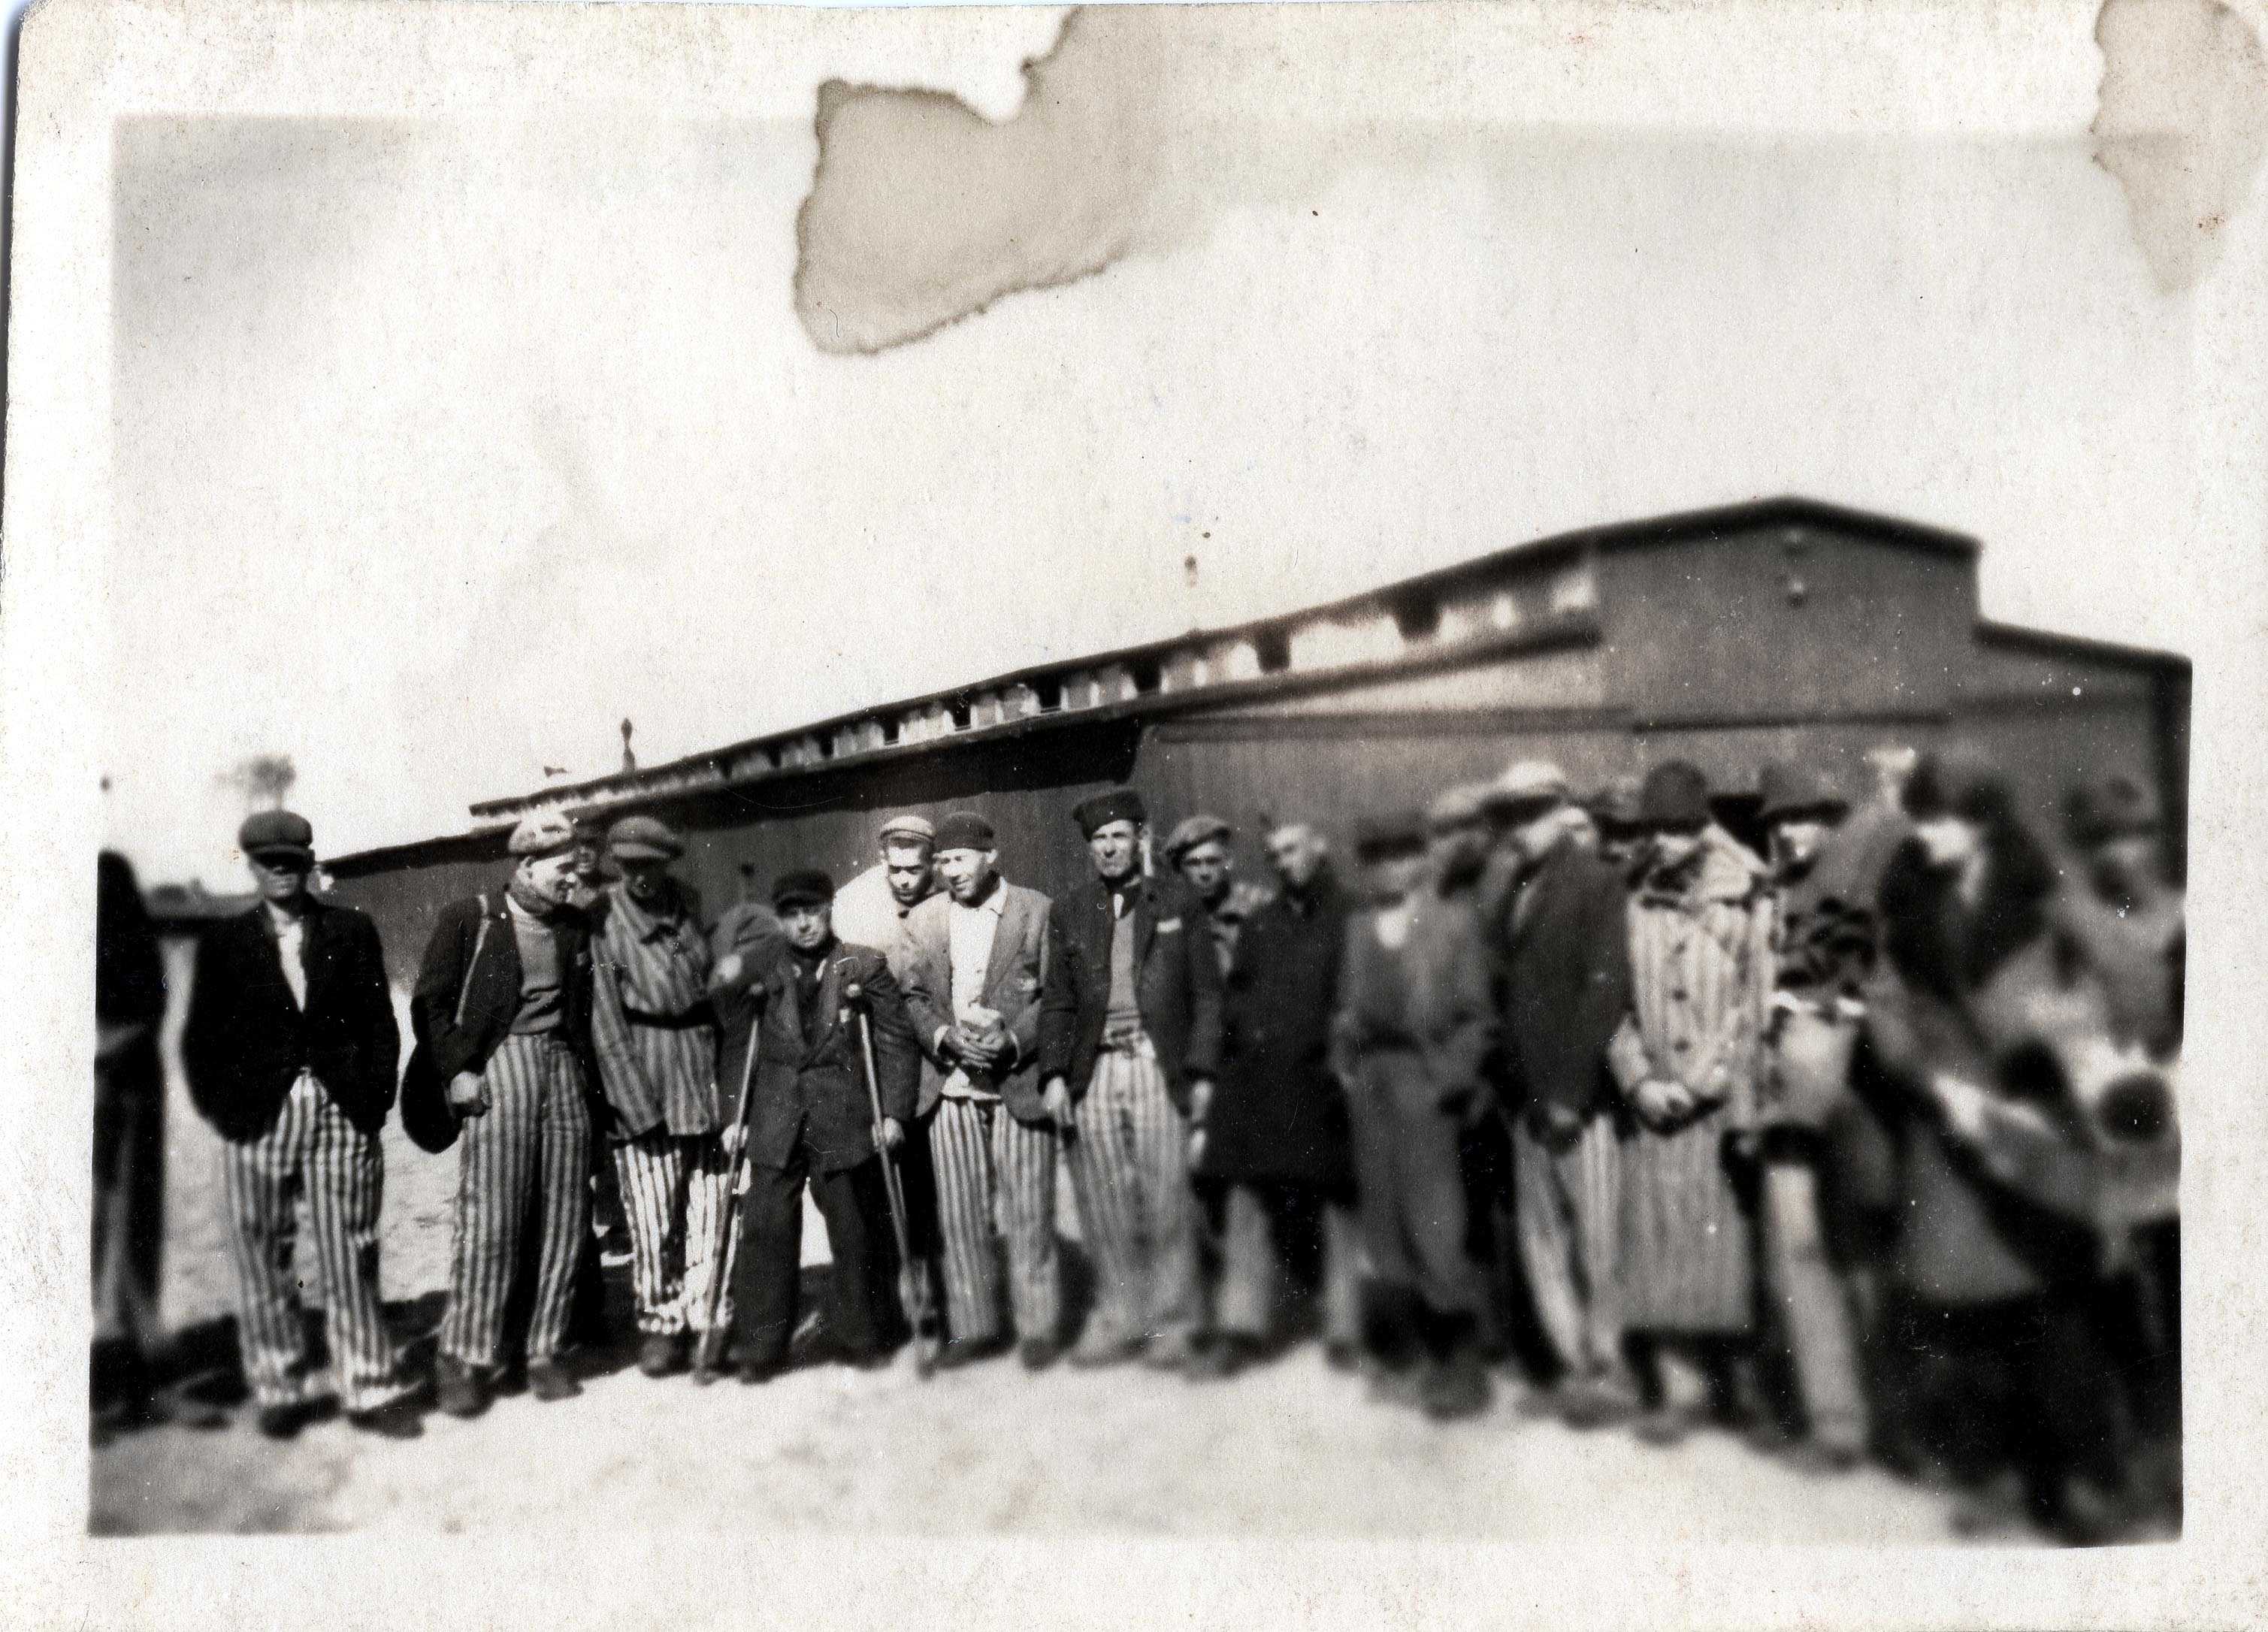 Buchenwald image 09, side 1